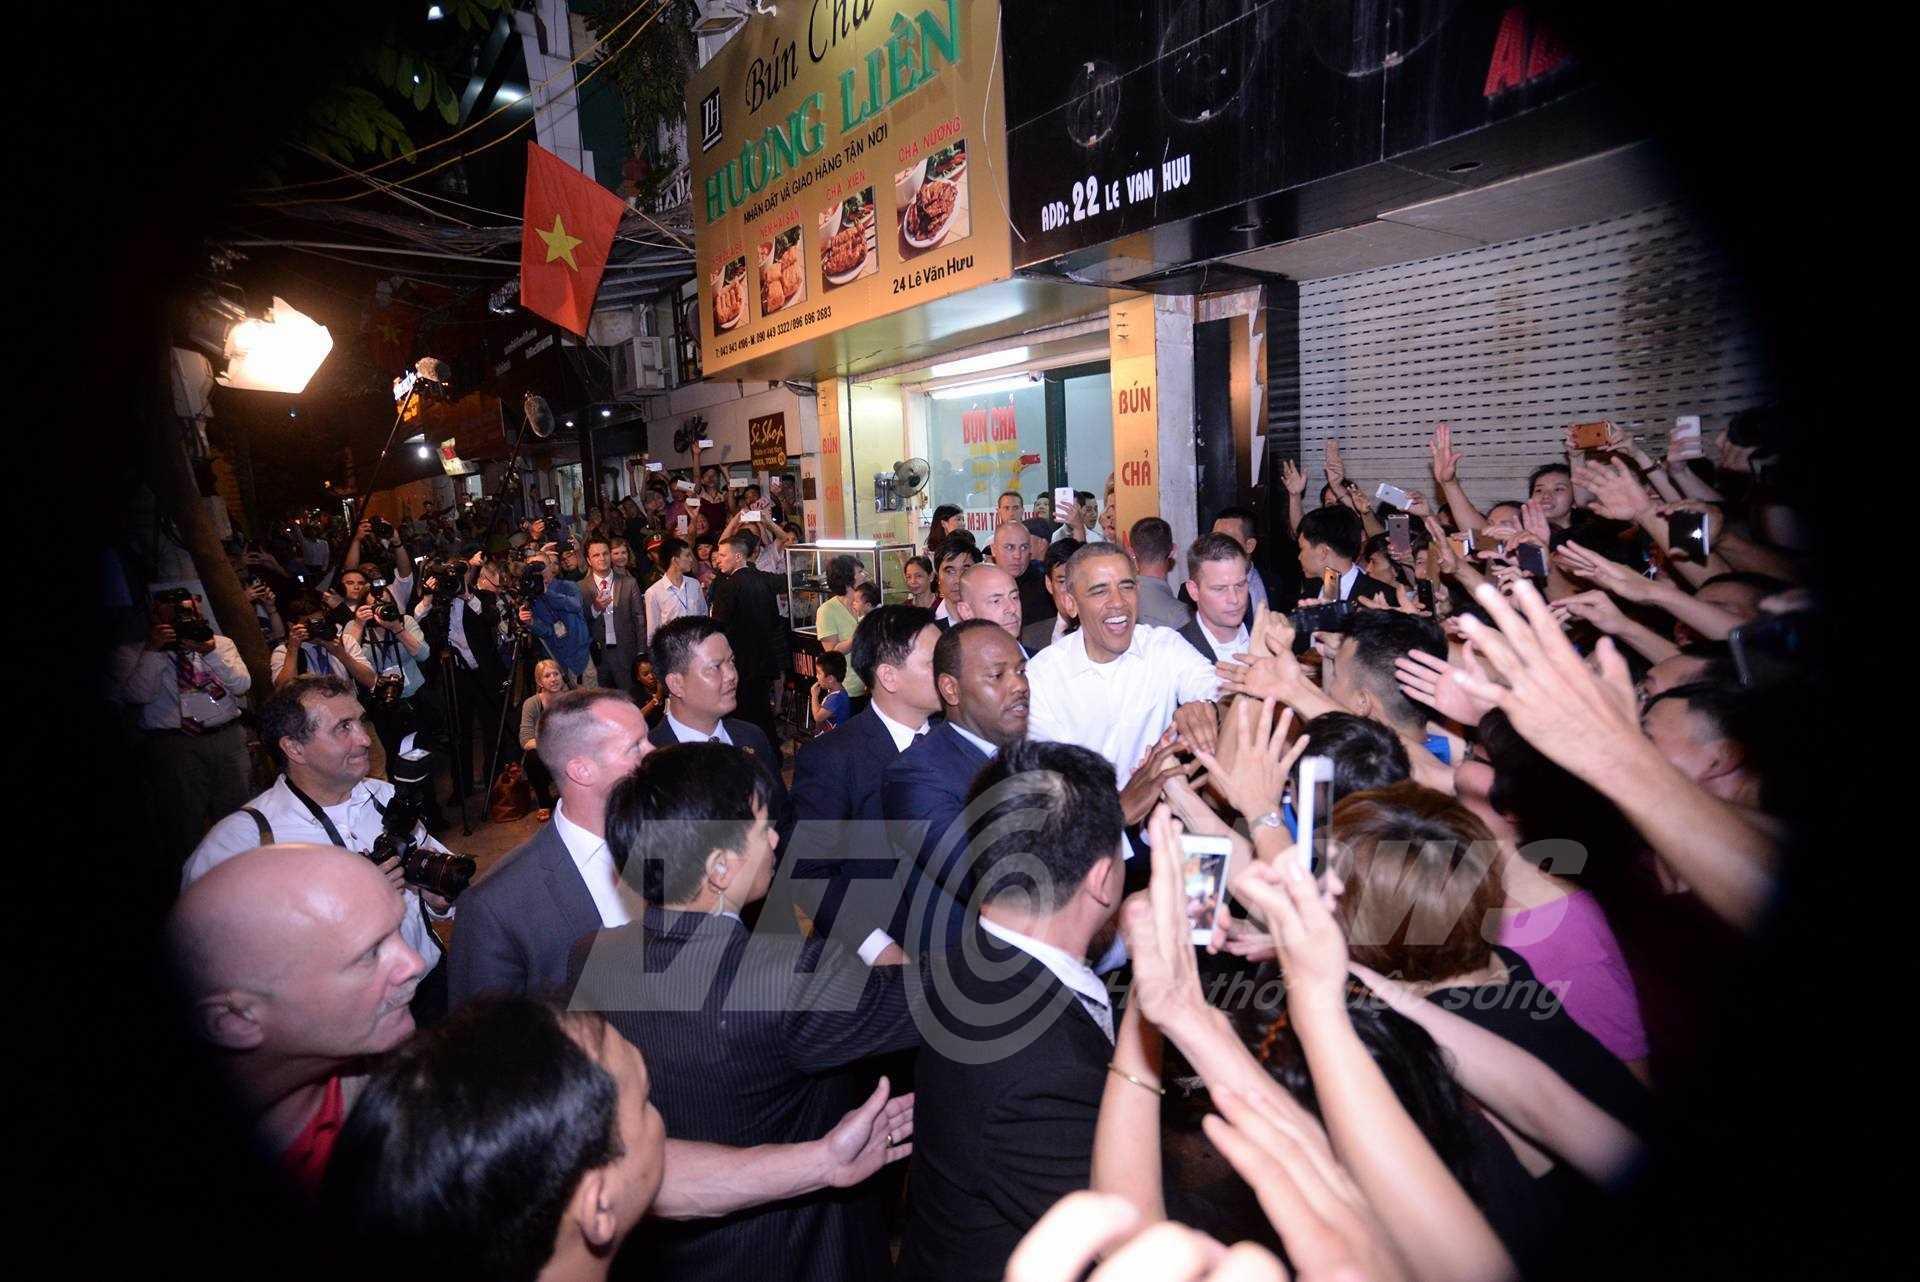 Khoảng 20h tối 23/5, ông Obama bất ngờ xuất hiện tại một quán bún chả trên phố Lê Văn Hưu (ảnh: Tùng Đinh)